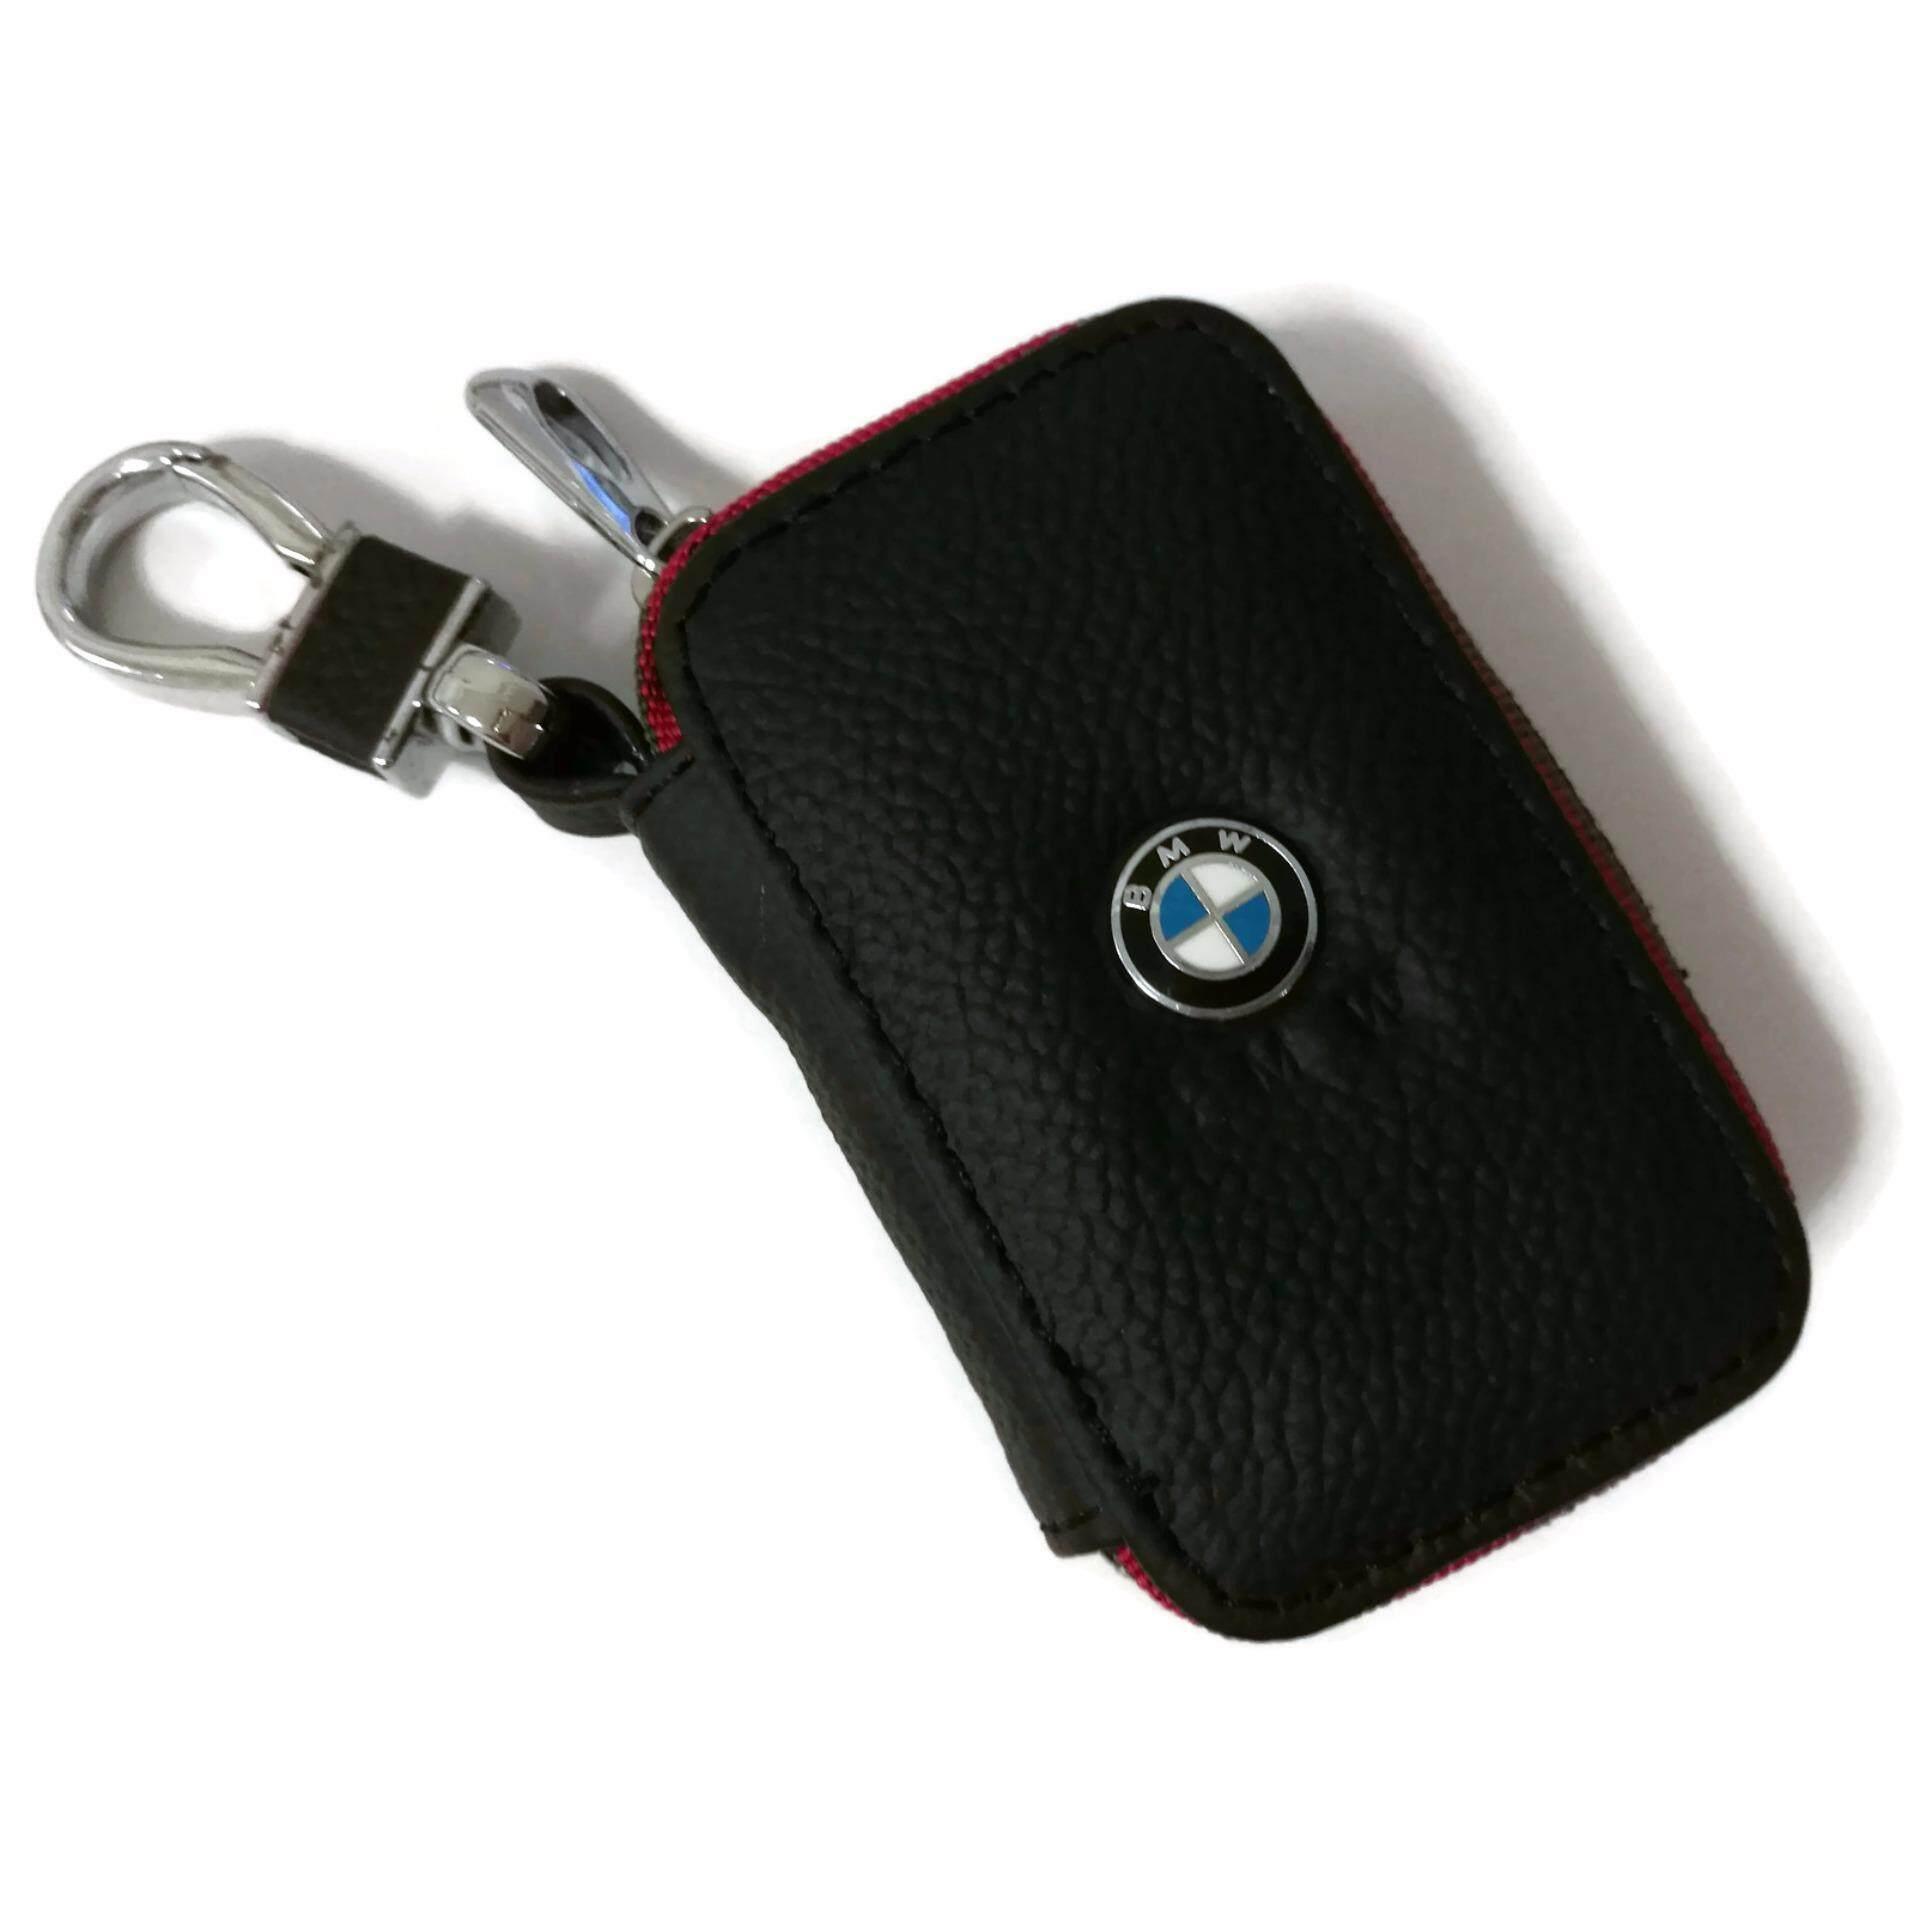 Bmw car key pouch key chain key holder genuine leather type c lazada malaysia